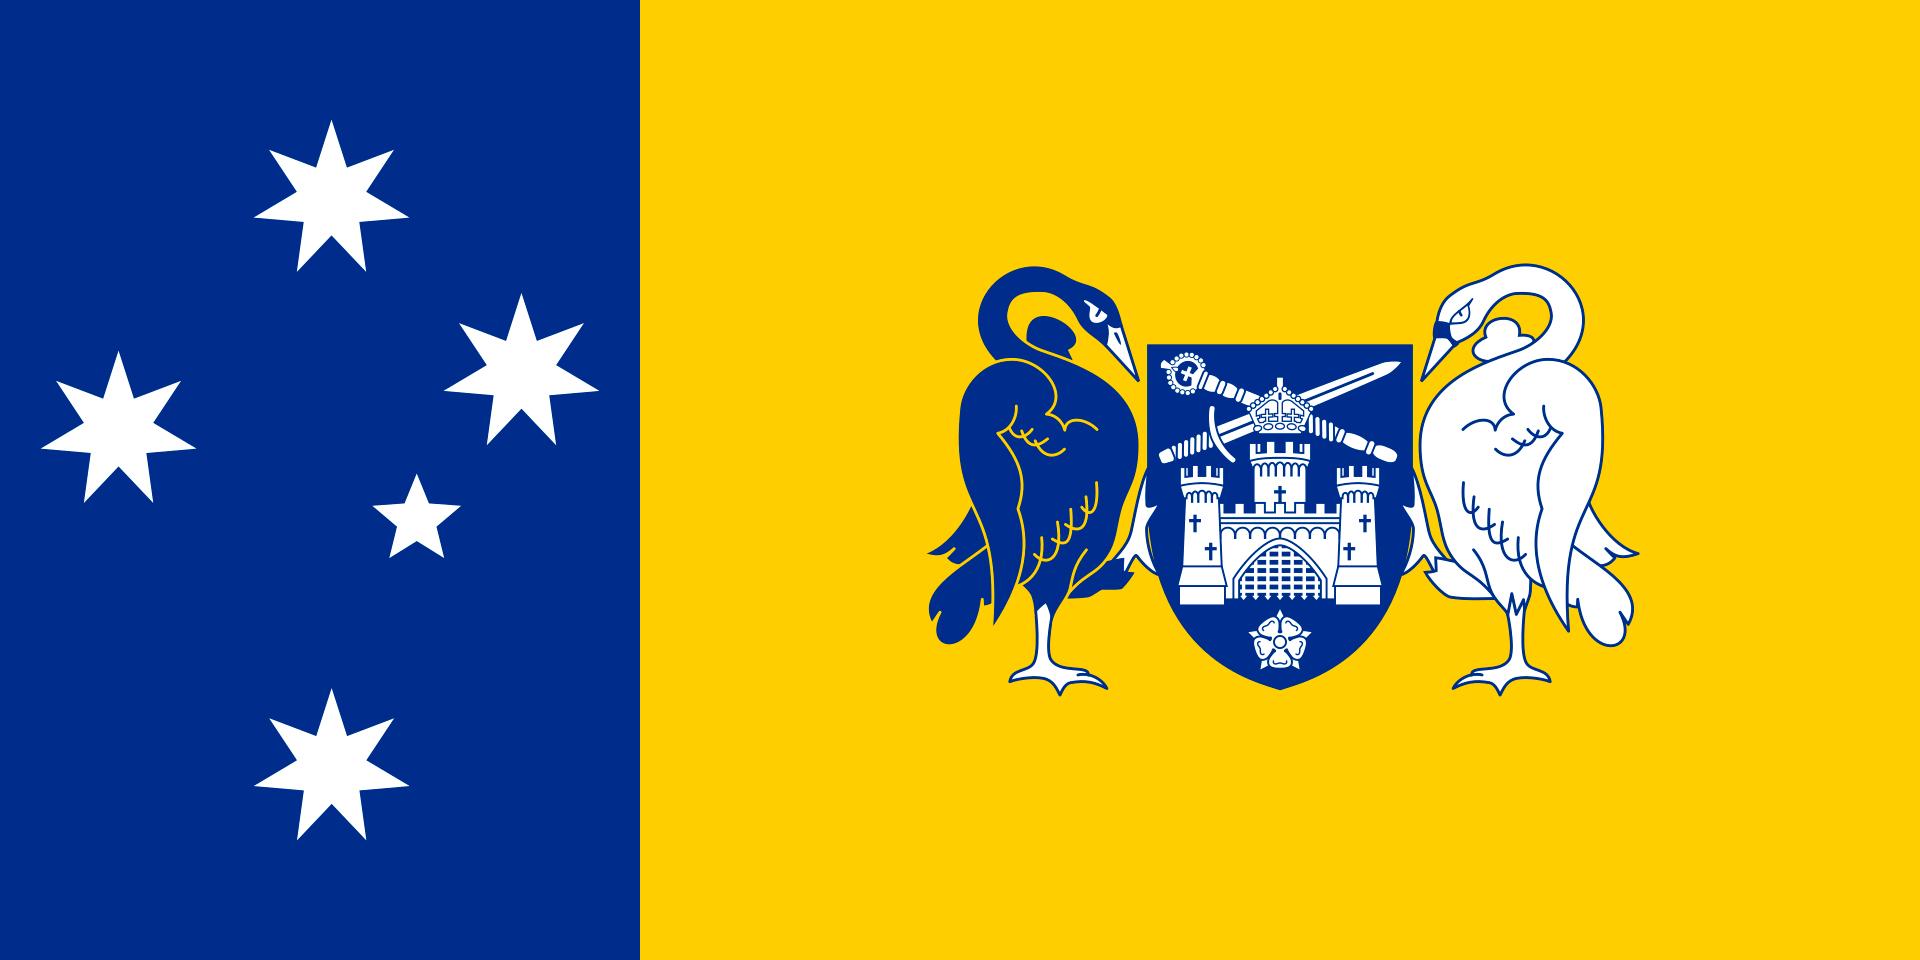 Bandera de Canberra